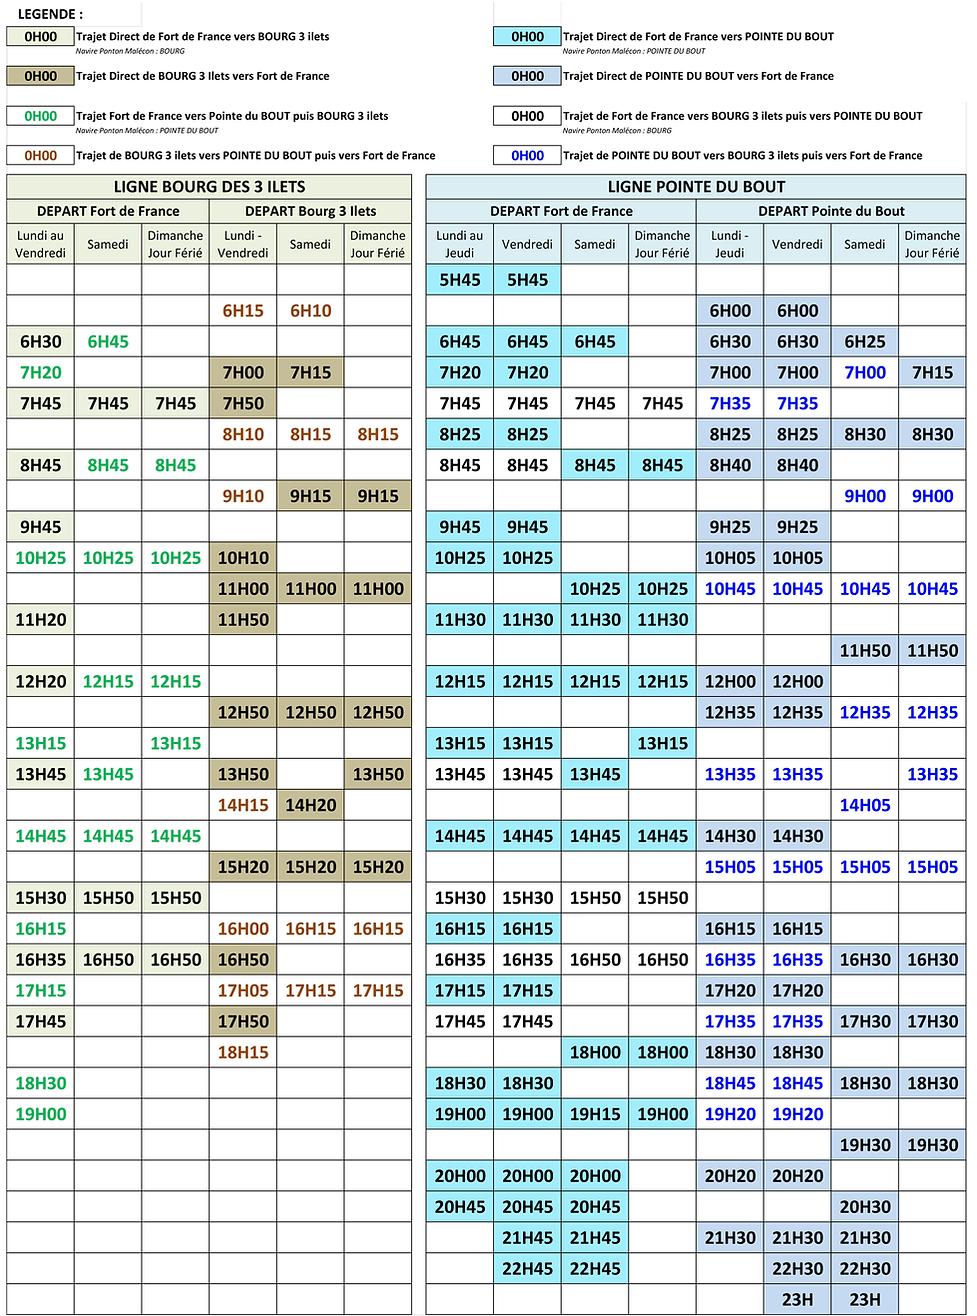 horaires-VT_1eraout2020_1-2.png